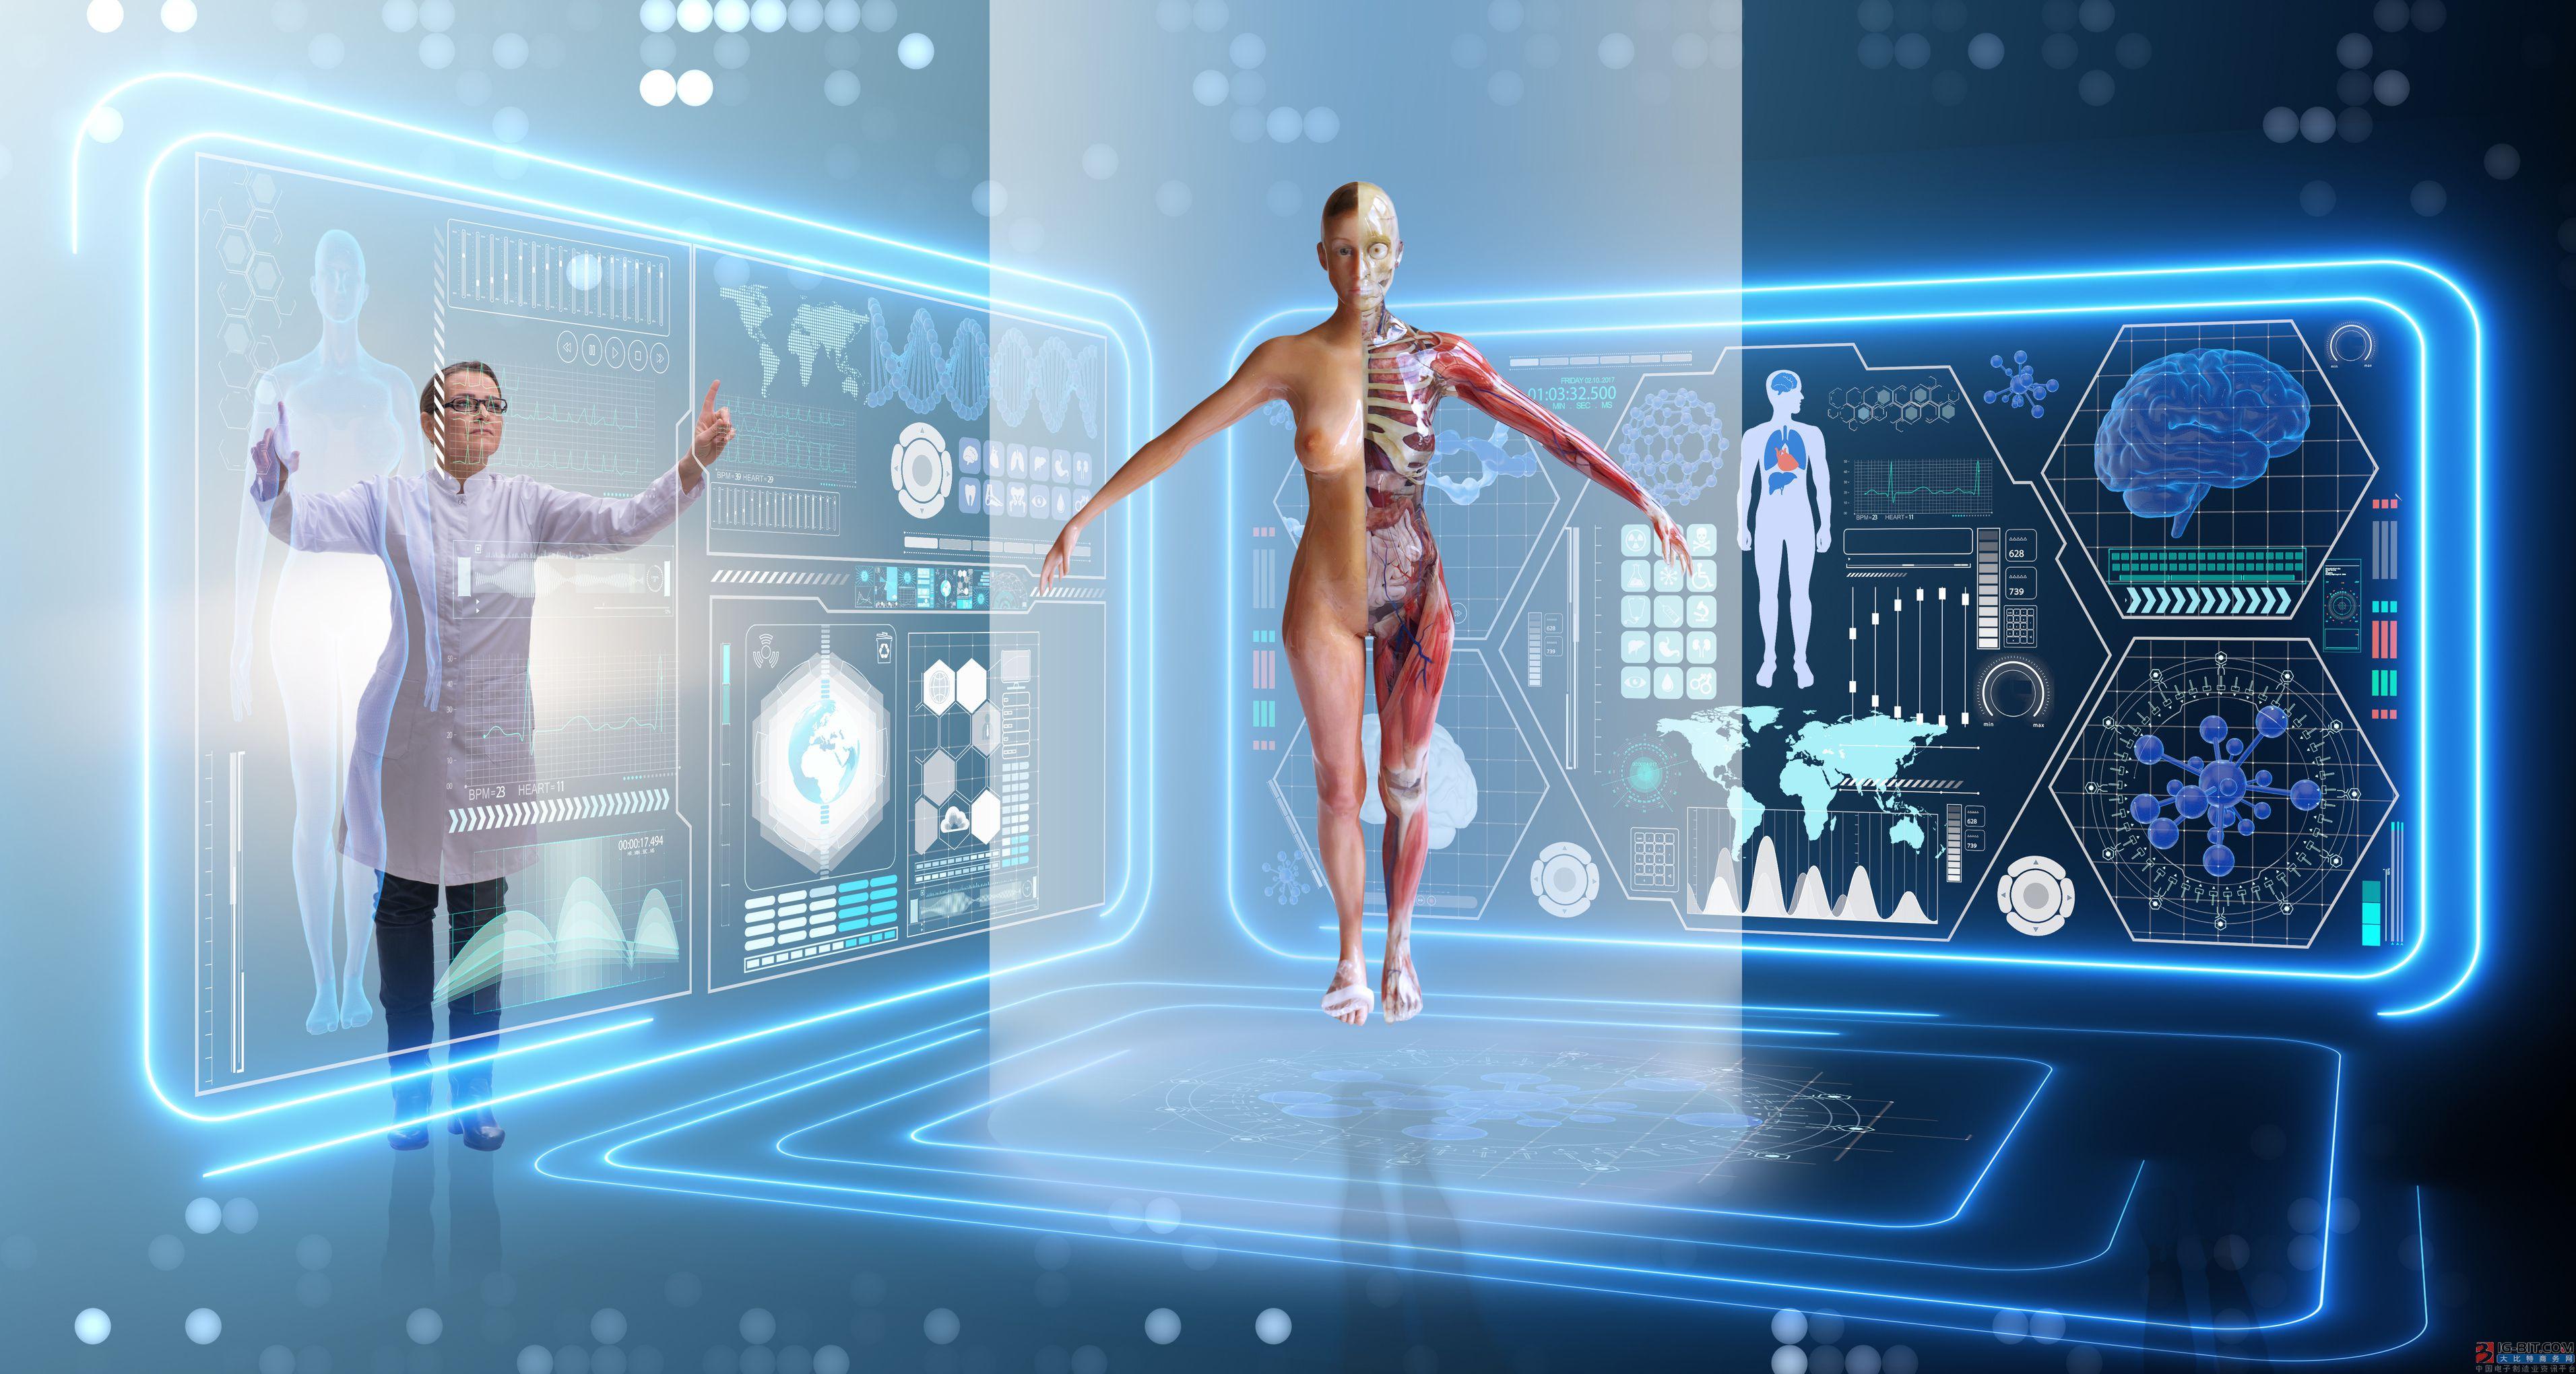 人工智能应用趋势:赋能智慧医疗,AWS云服务厂商迎新机遇